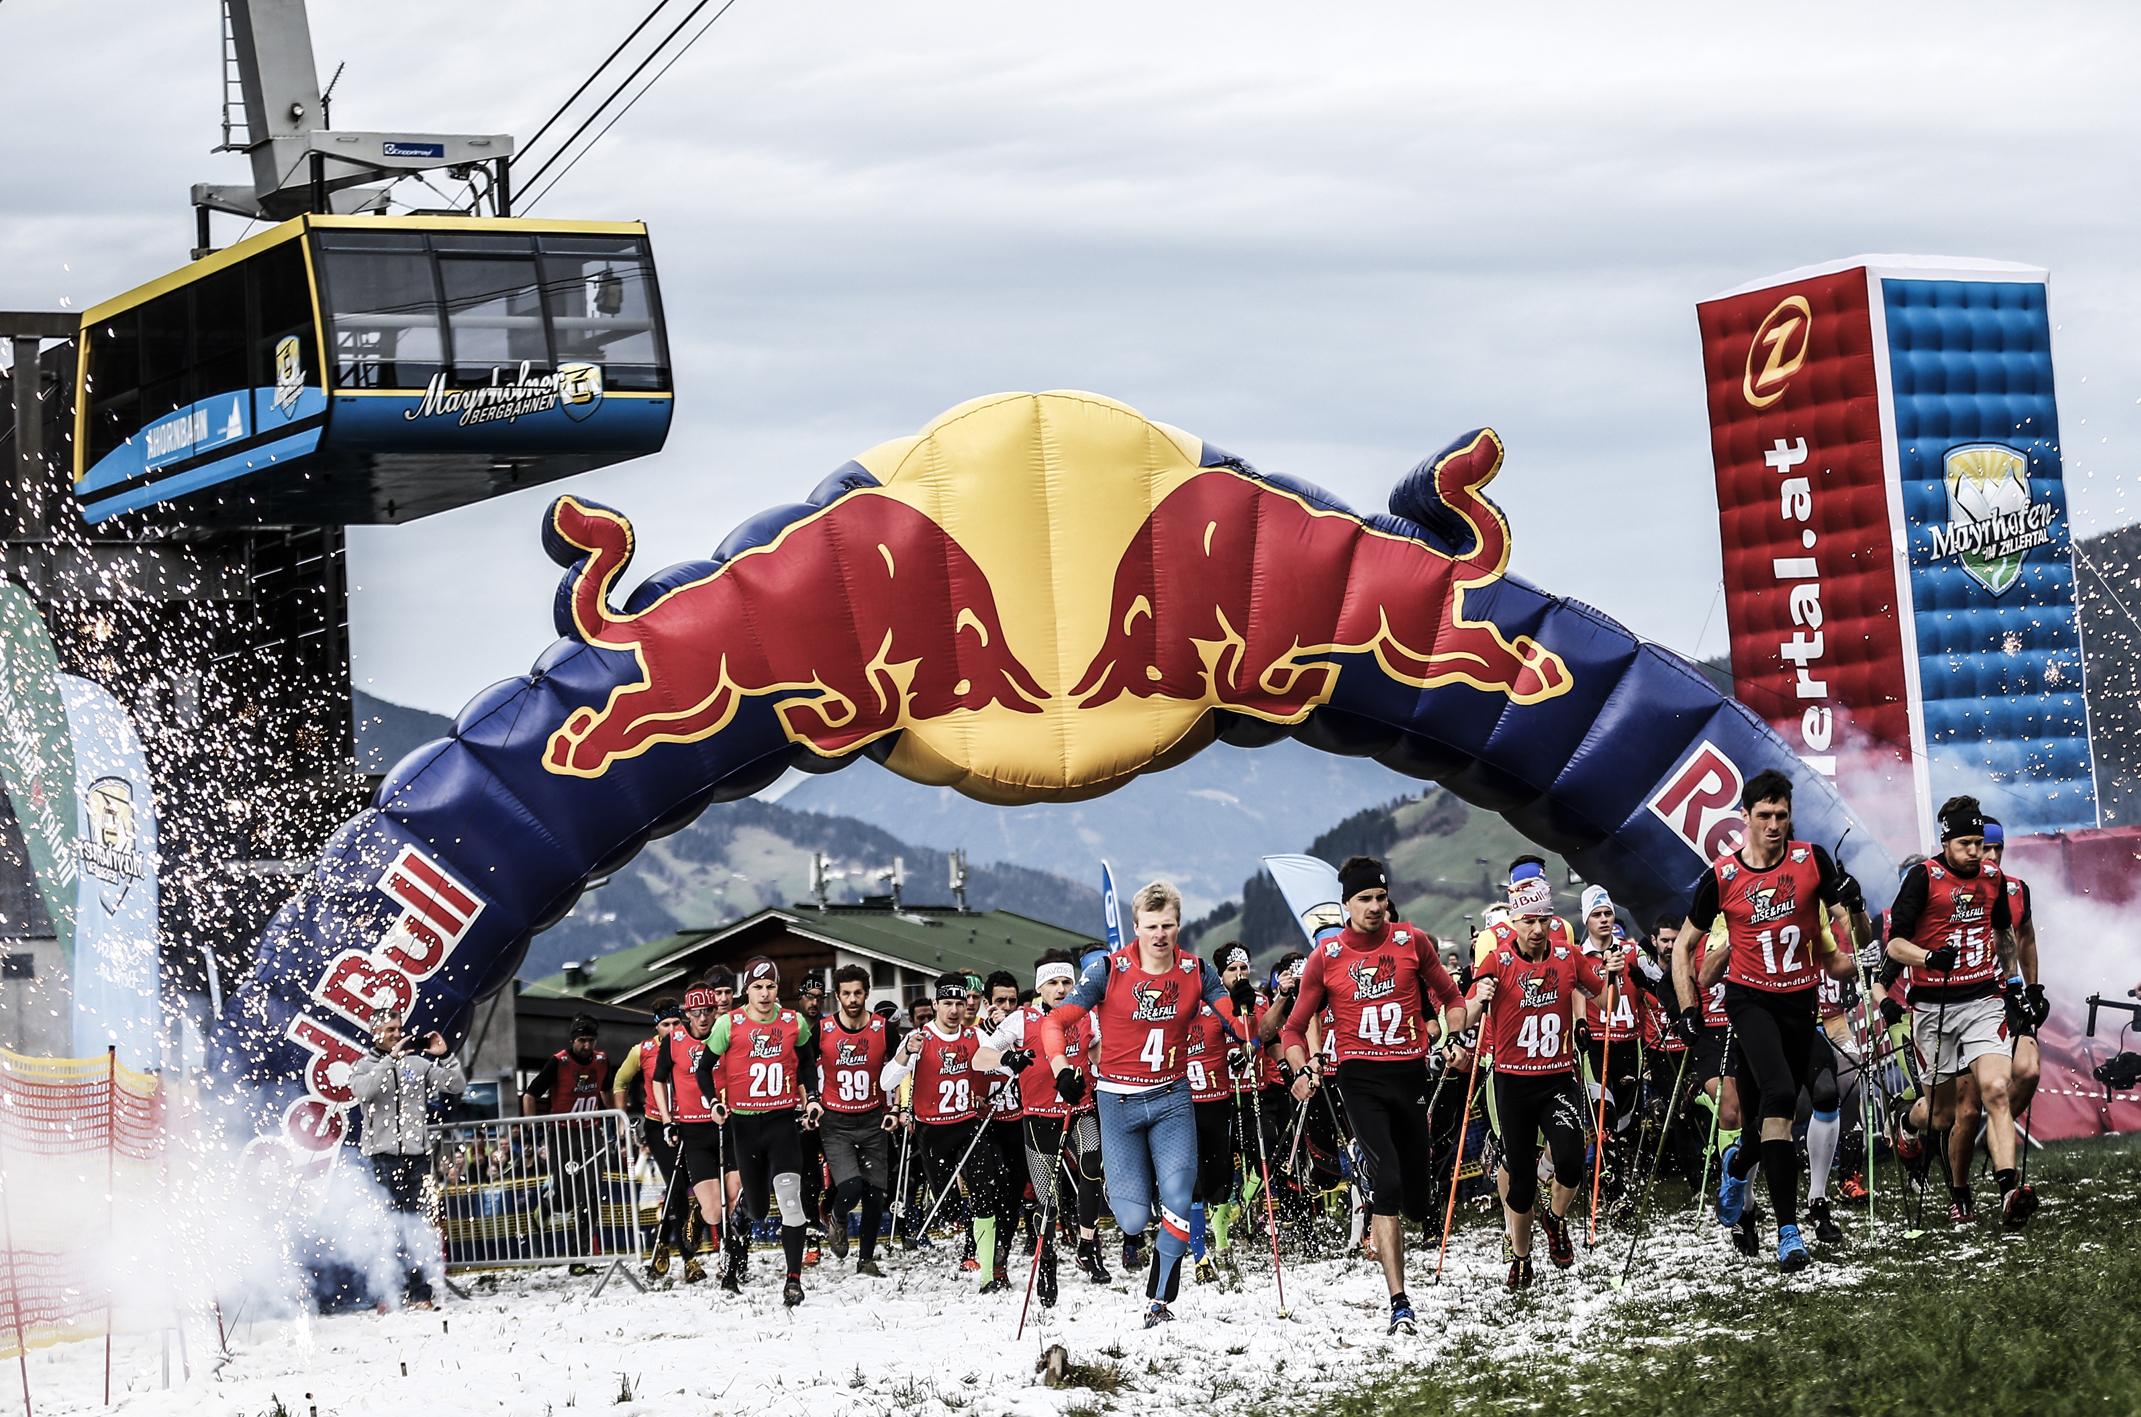 Athleten, die vor der eindrucksvollen Mayrhofner Kulisse über sich hinauswachsen, Zuschauer, die mit den Sportlern leiden und sie unermüdlich antreiben, dass zeichnet den RISE AND FALL in Mayerhofen aus. Der einzigartige Staffelwettbewerb mit den vier Disziplinen Skibergsteigen, Paragleiten, Mountainbiken sowie Ski beziehungsweise Snowboard hat unter Athleten und Publikum bereits einen Kultstatus erreicht. Ich habe mich am Freitag auf den Weg ins Zillertal gemacht, um mir bei von der dritten Auflage des knackigen Rennformats einen Eindruck zu verschaffen.Athleten, die vor der eindrucksvollen Mayrhofner Kulisse über sich hinauswachsen, Zuschauer, die mit den Sportlern leiden und sie unermüdlich antreiben, dass zeichnet den RISE AND FALL in Mayerhofen aus. Der einzigartige Staffelwettbewerb mit den vier Disziplinen Skibergsteigen, Paragleiten, Mountainbiken sowie Ski beziehungsweise Snowboard hat unter Athleten und Publikum bereits einen Kultstatus erreicht. Ich habe mich am Freitag auf den Weg ins Zillertal gemacht, um mir bei von der dritten Auflage des knackigen Rennformats einen Eindruck zu verschaffen.